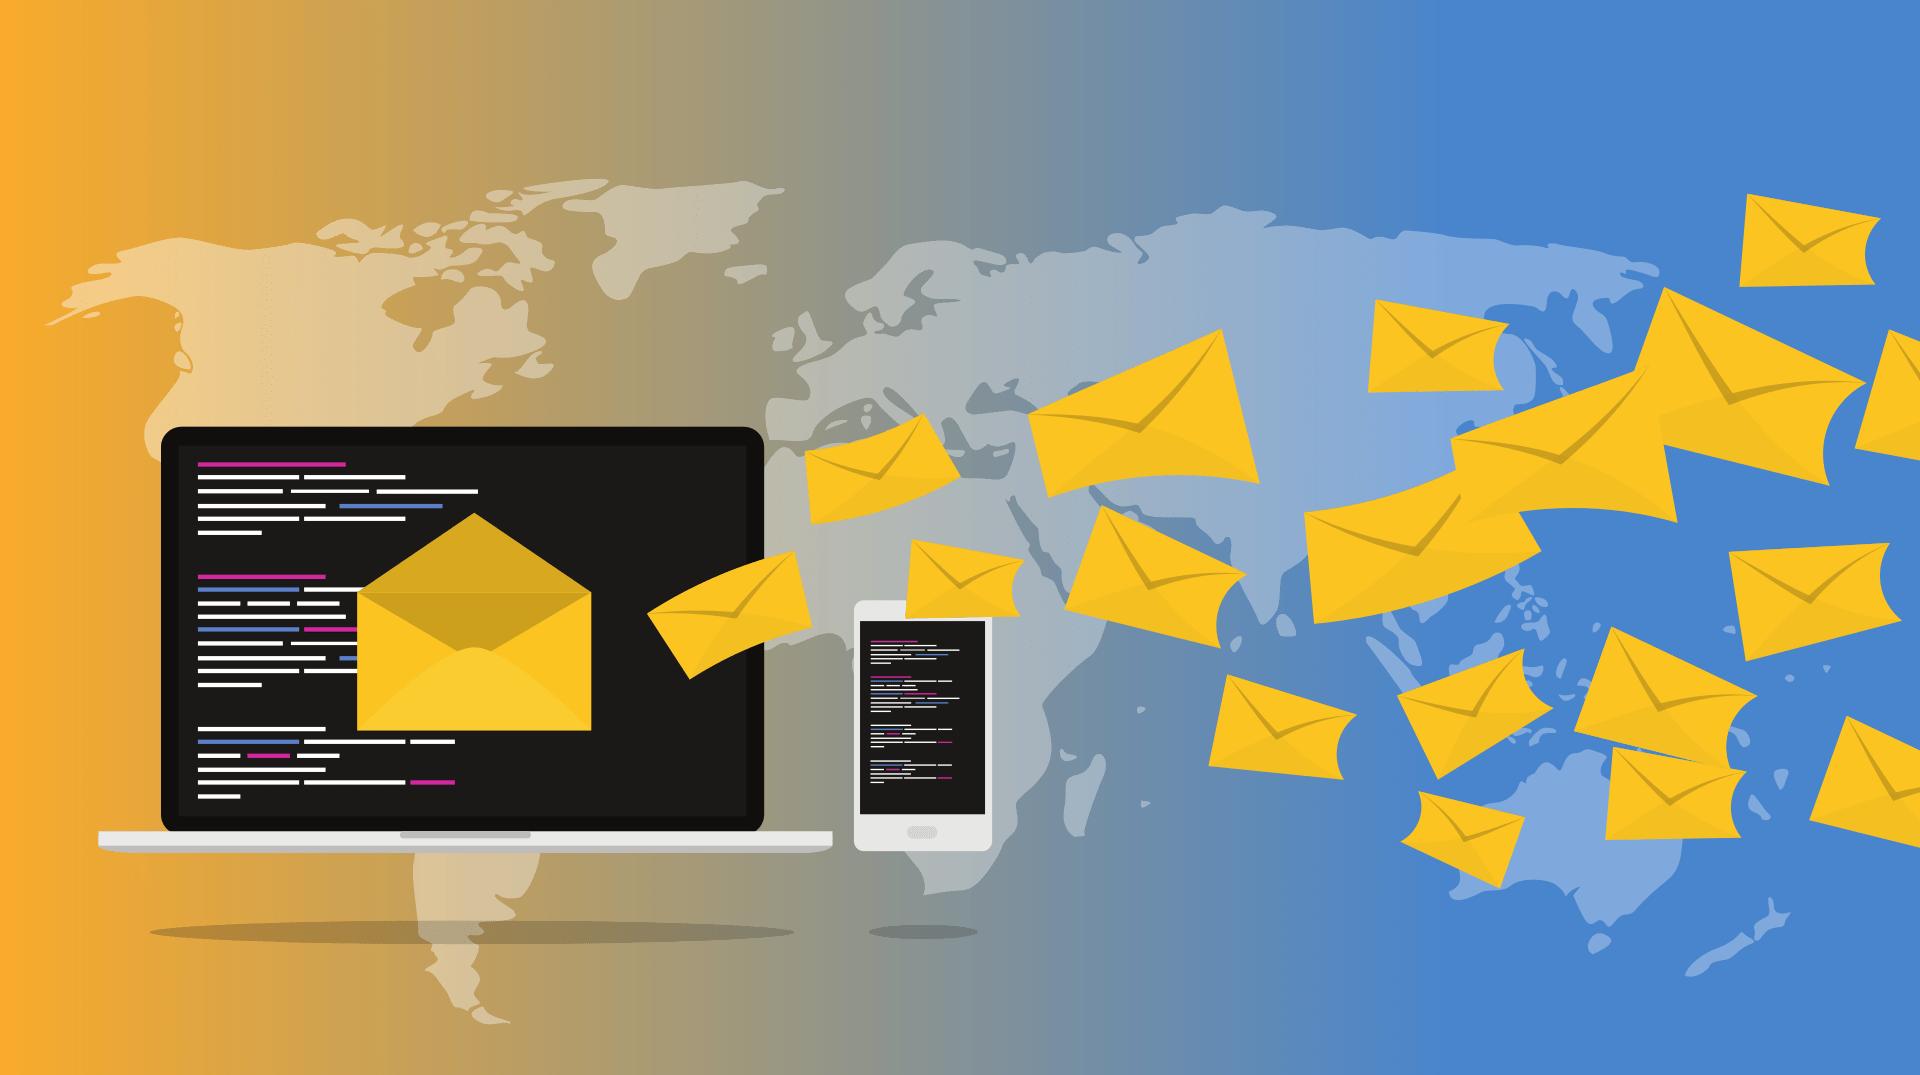 プライバシーを守るための匿名メールサービス